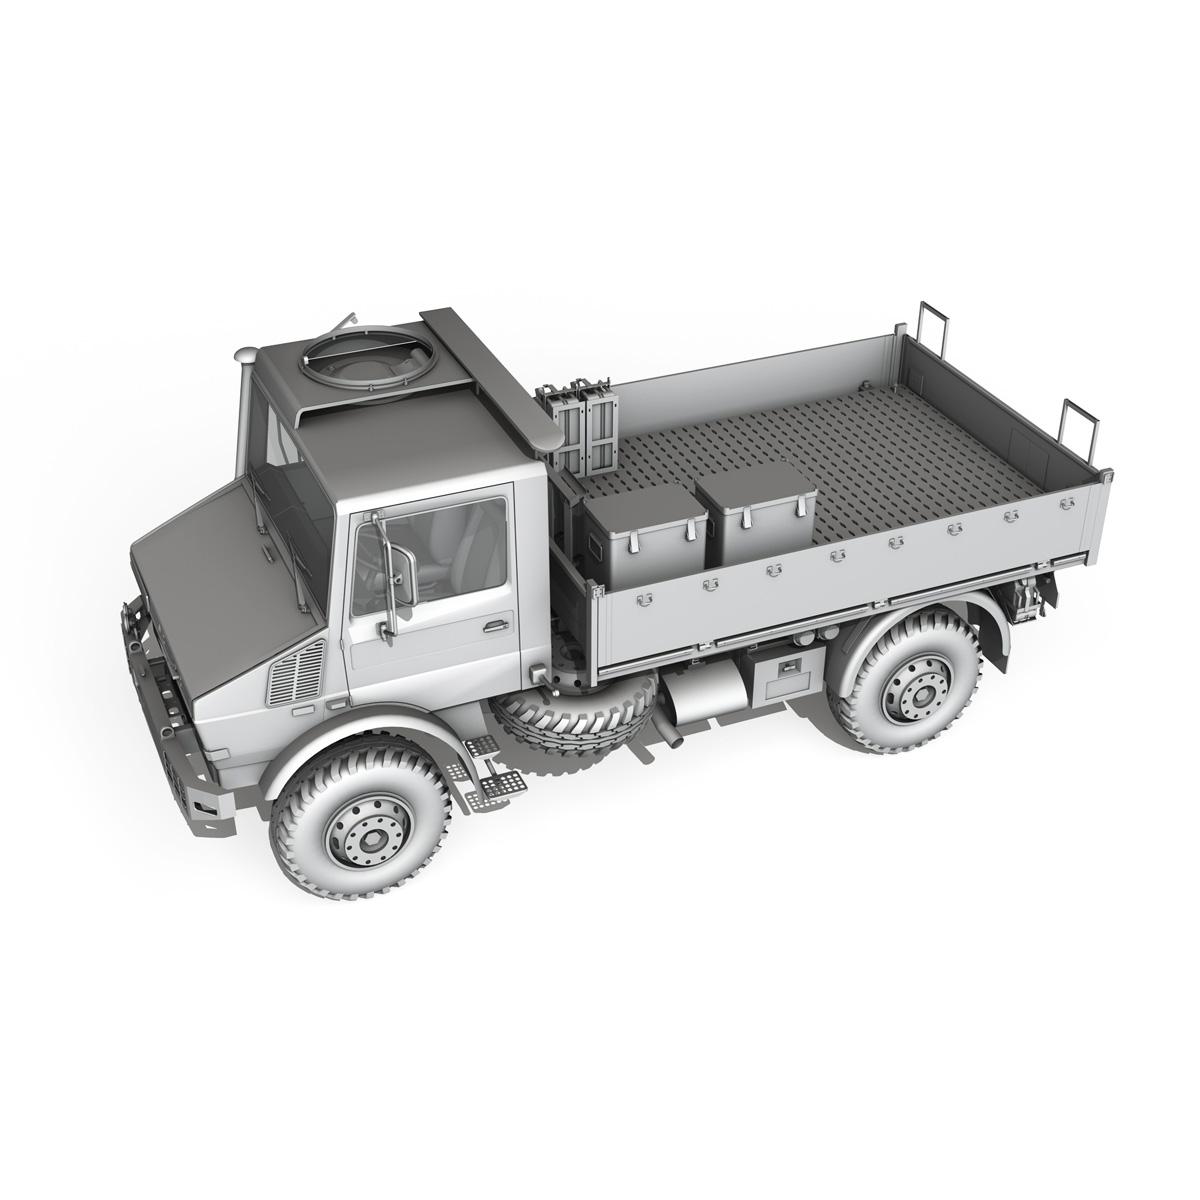 Mercedes benz unimog u1300l 3d model buy mercedes benz for Mercedes benz military vehicles